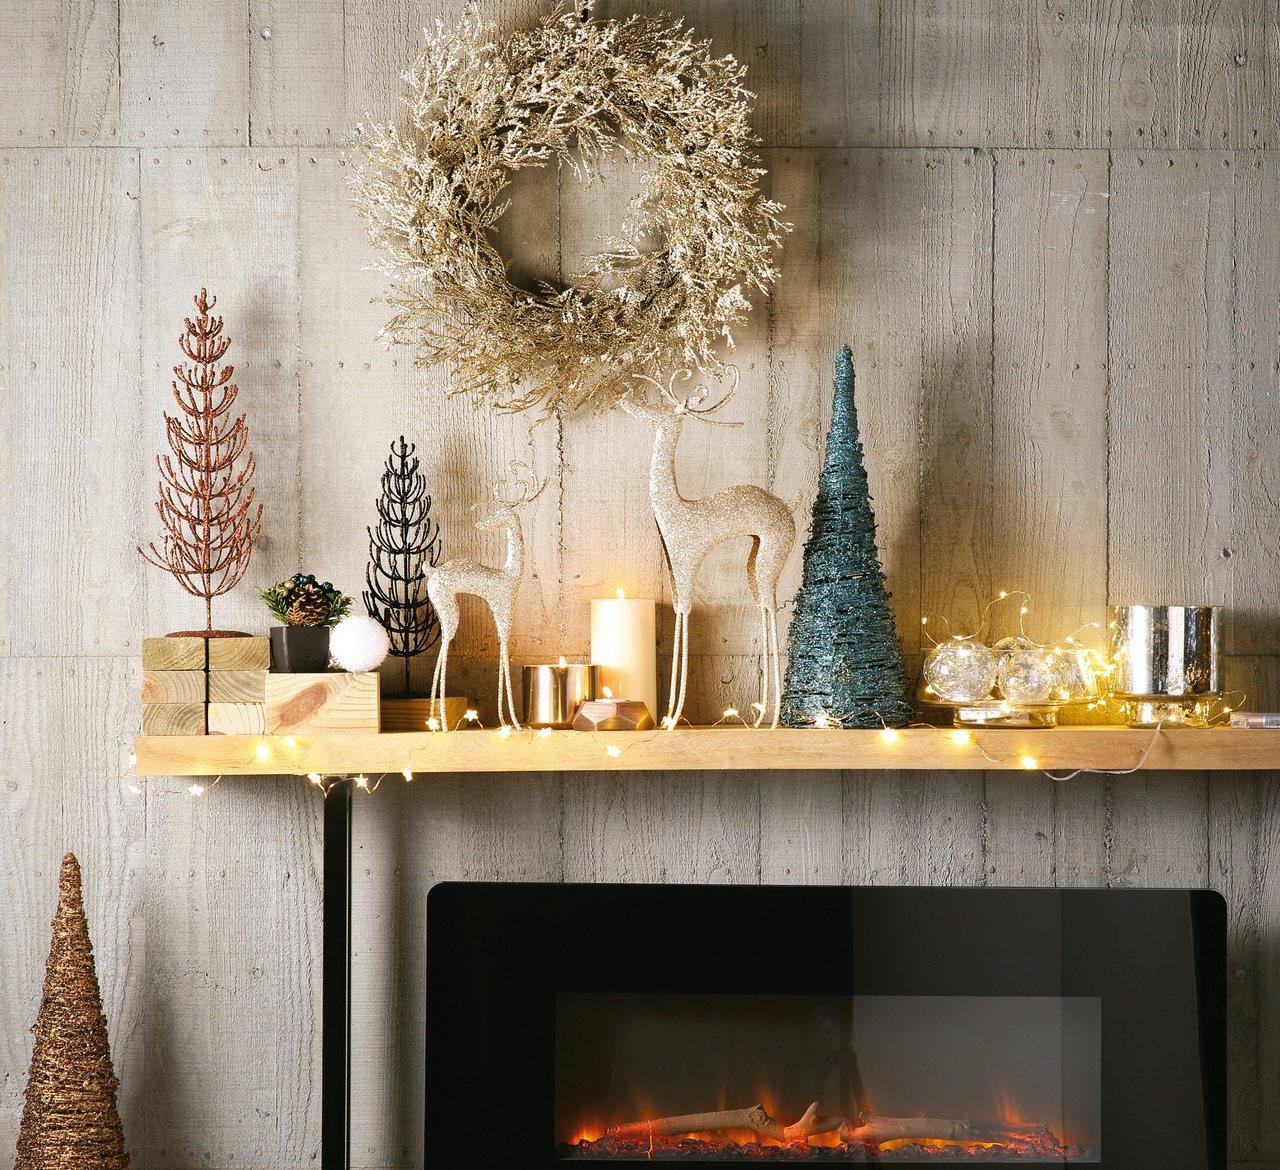 耶誕擺飾搭配燈光,很有氣氛。圖/HOLA提供